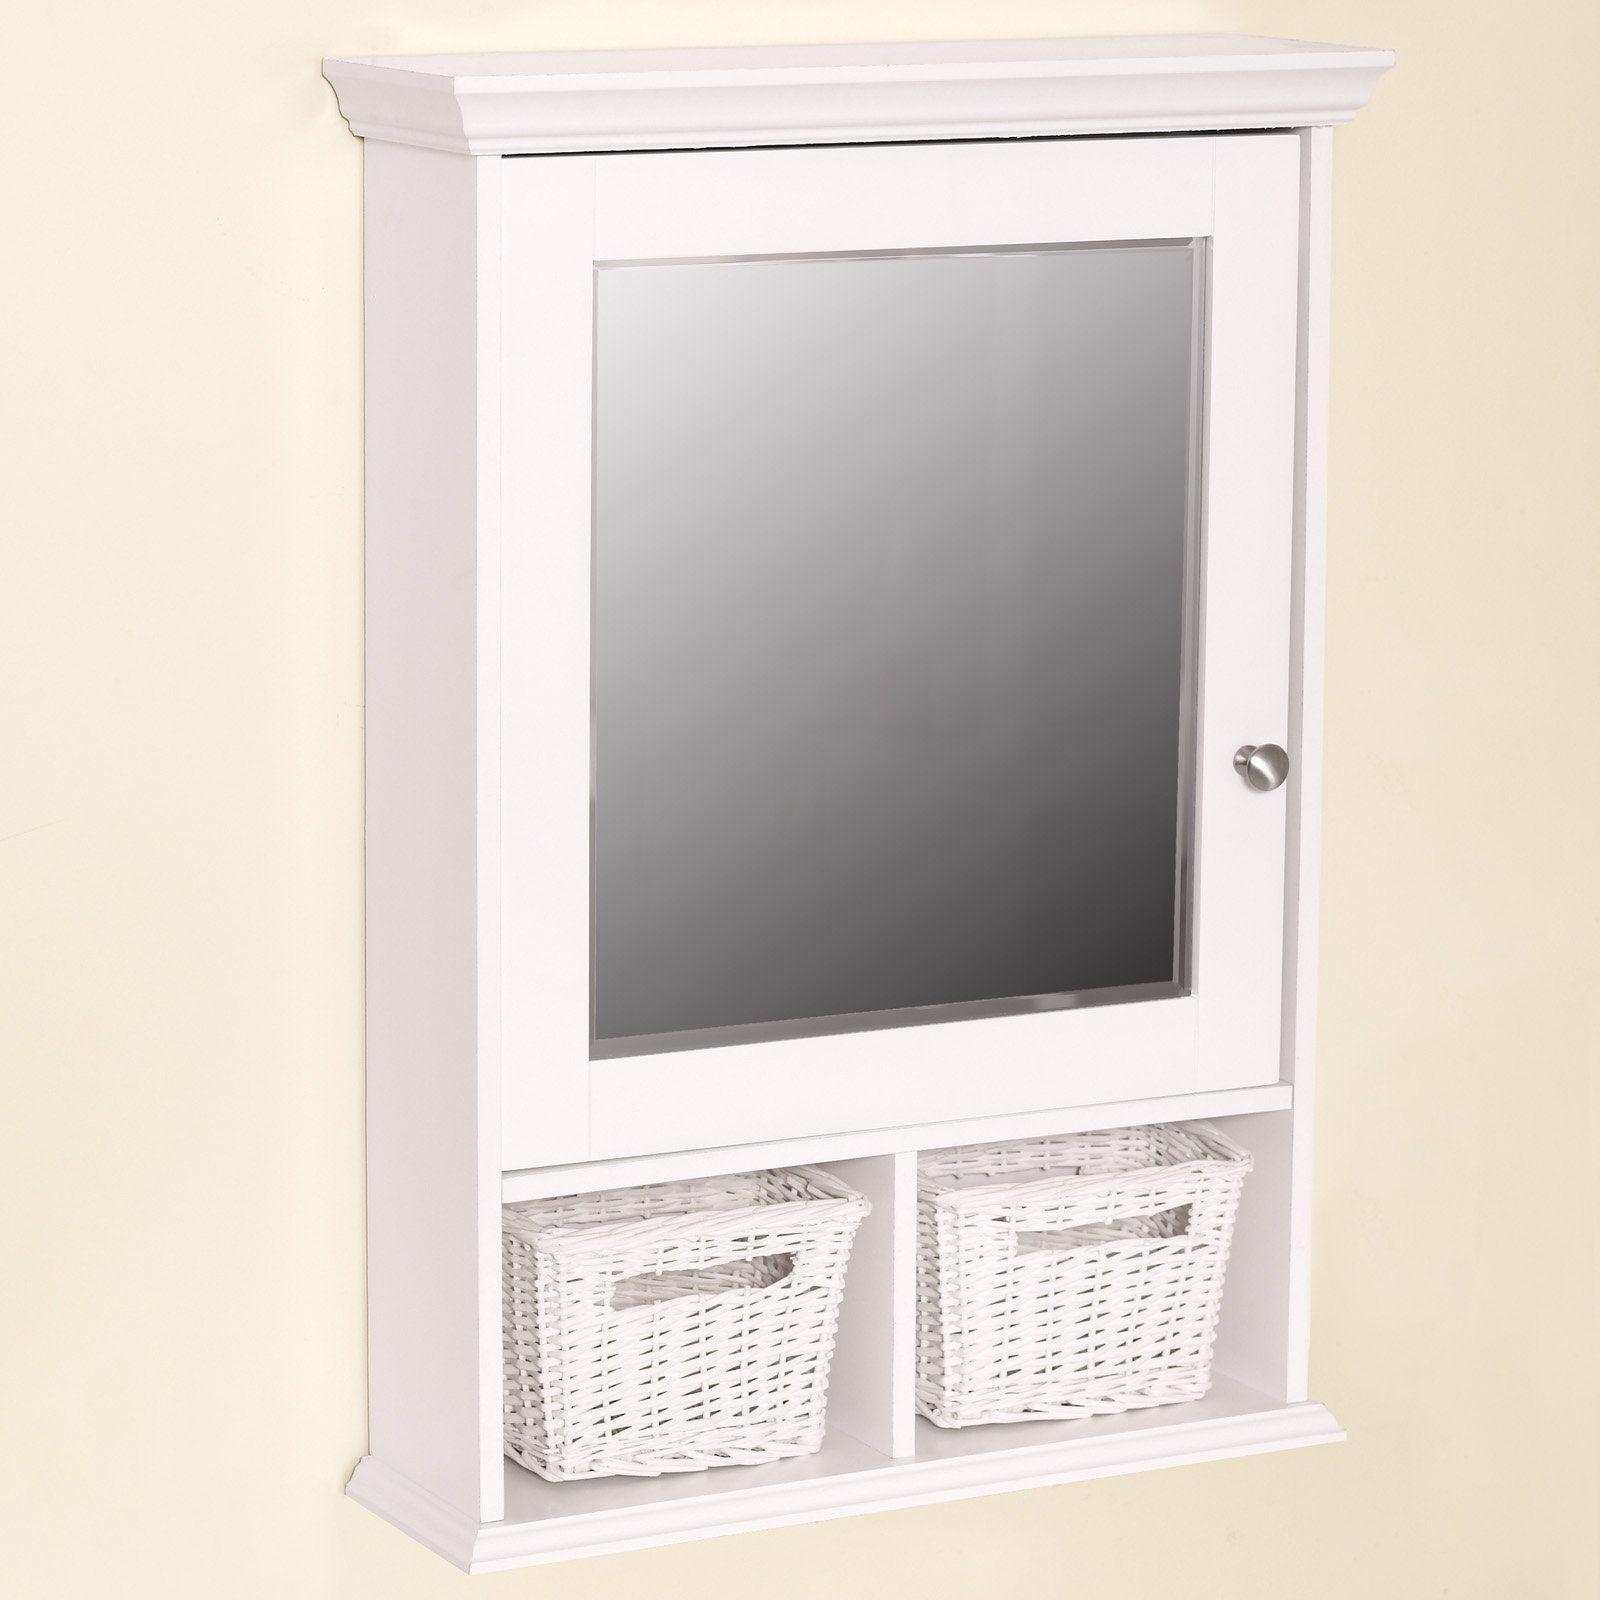 White Mirrored Medicine Cabinet | RevolutionHR